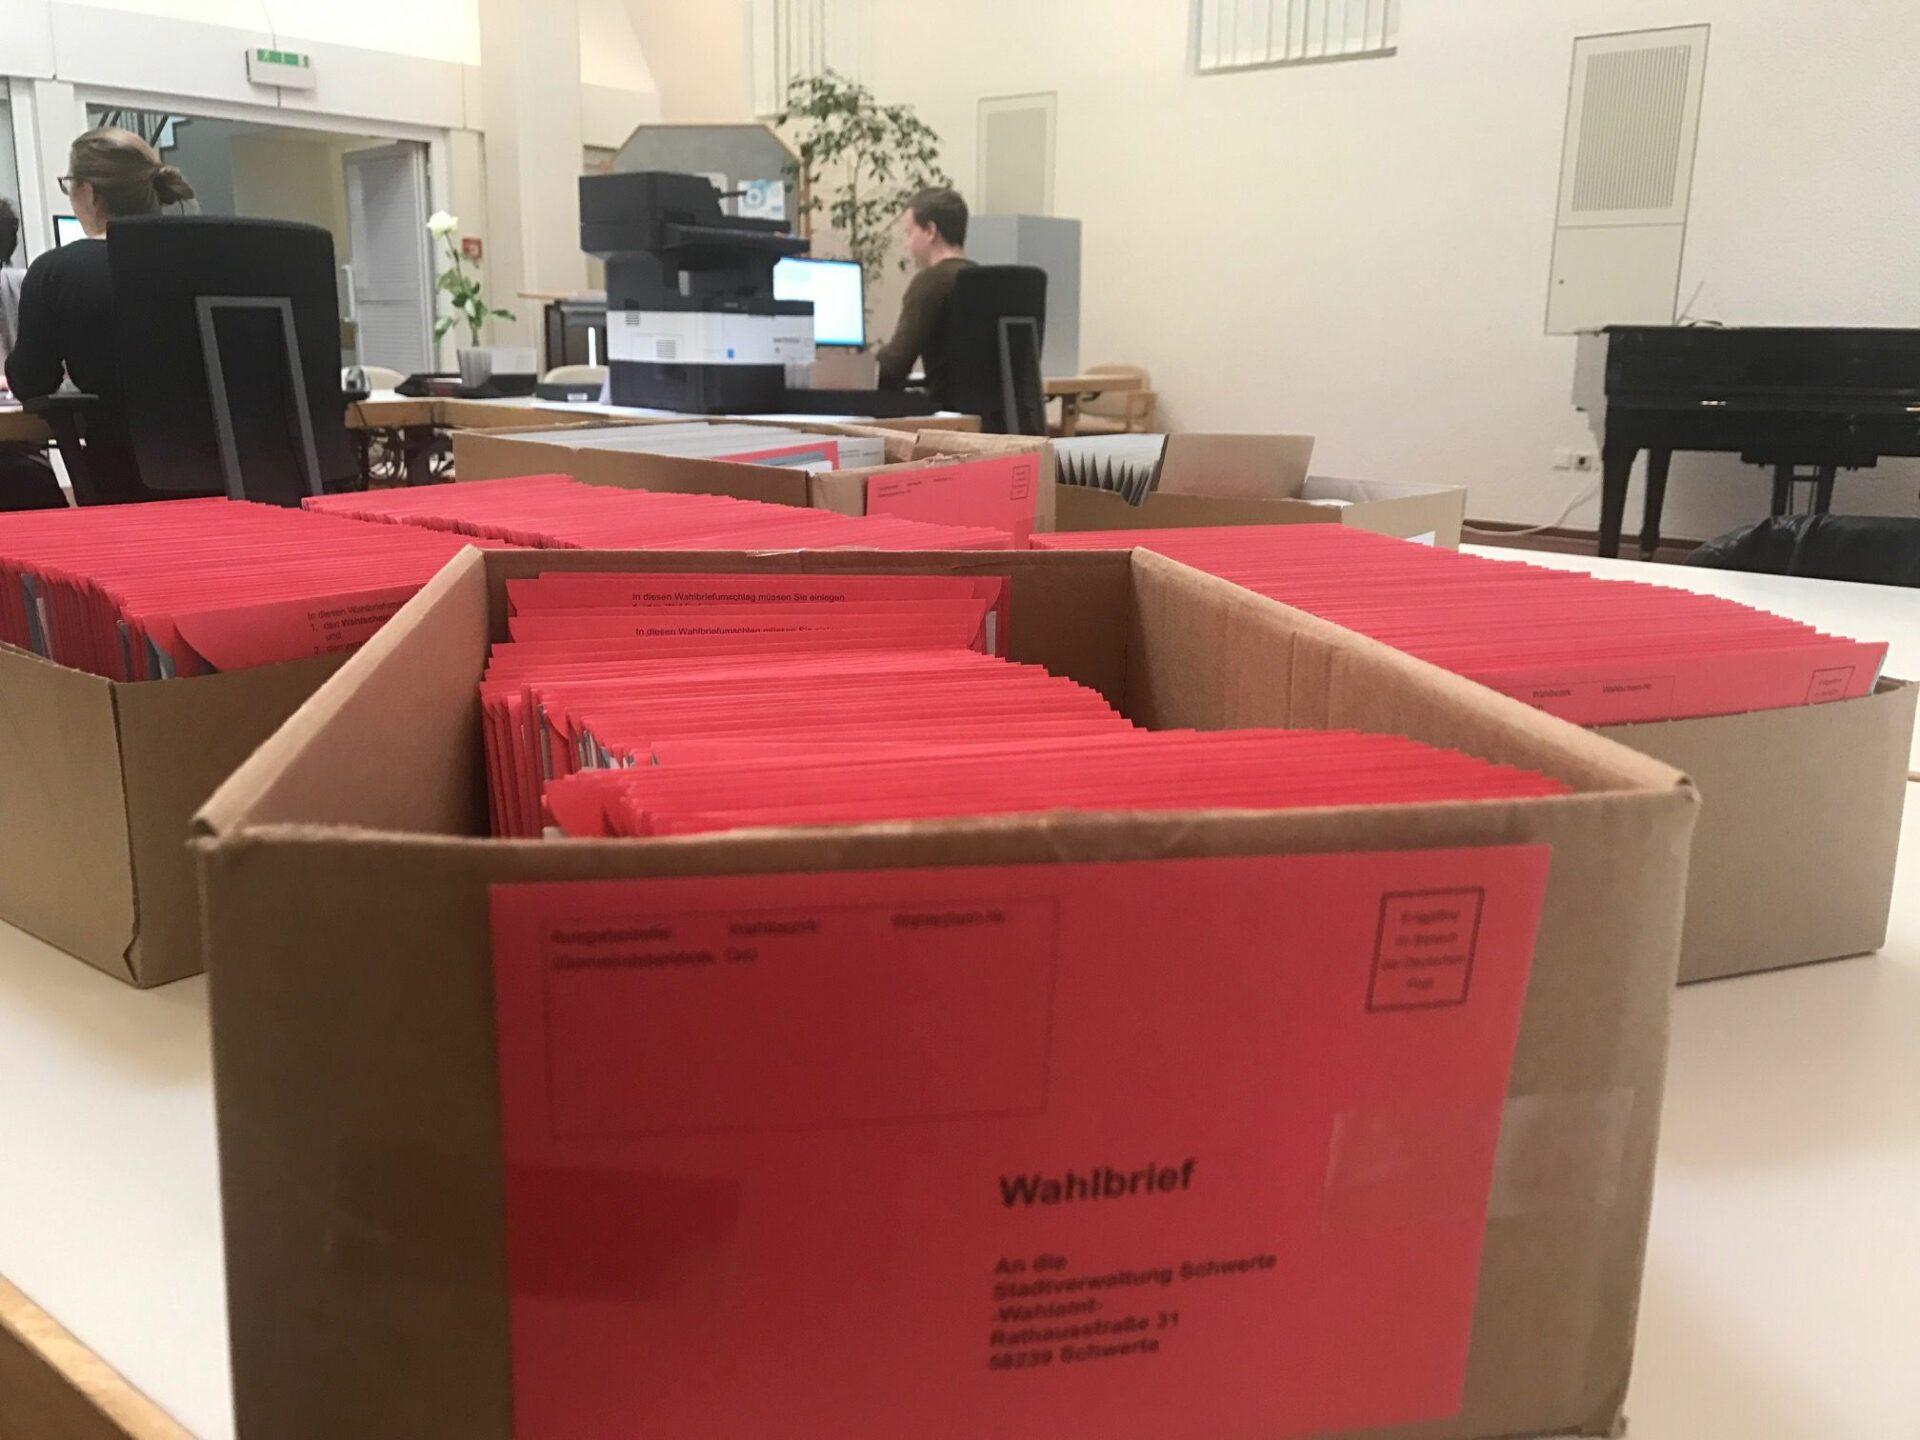 Briefwahlrekord zur Bundestagswahl